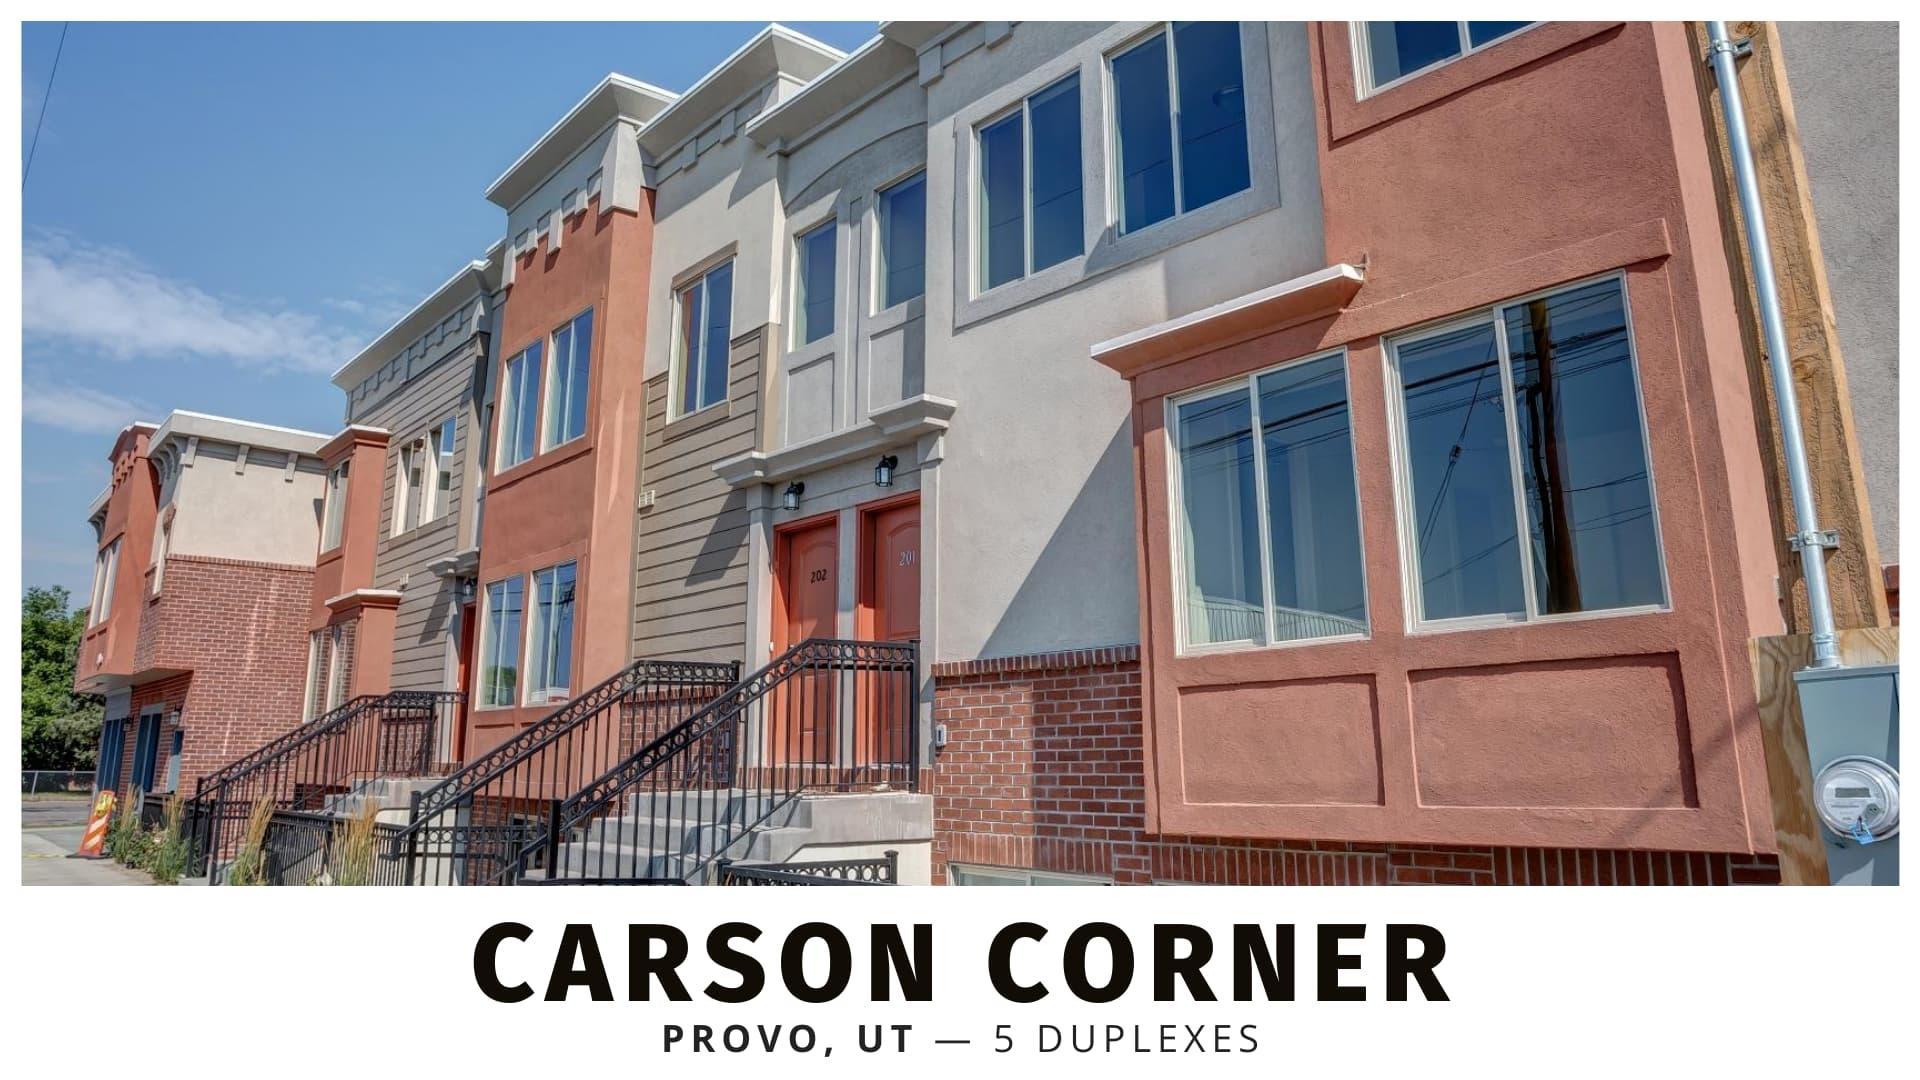 Carson Corner Duplexes in Provo, Utah